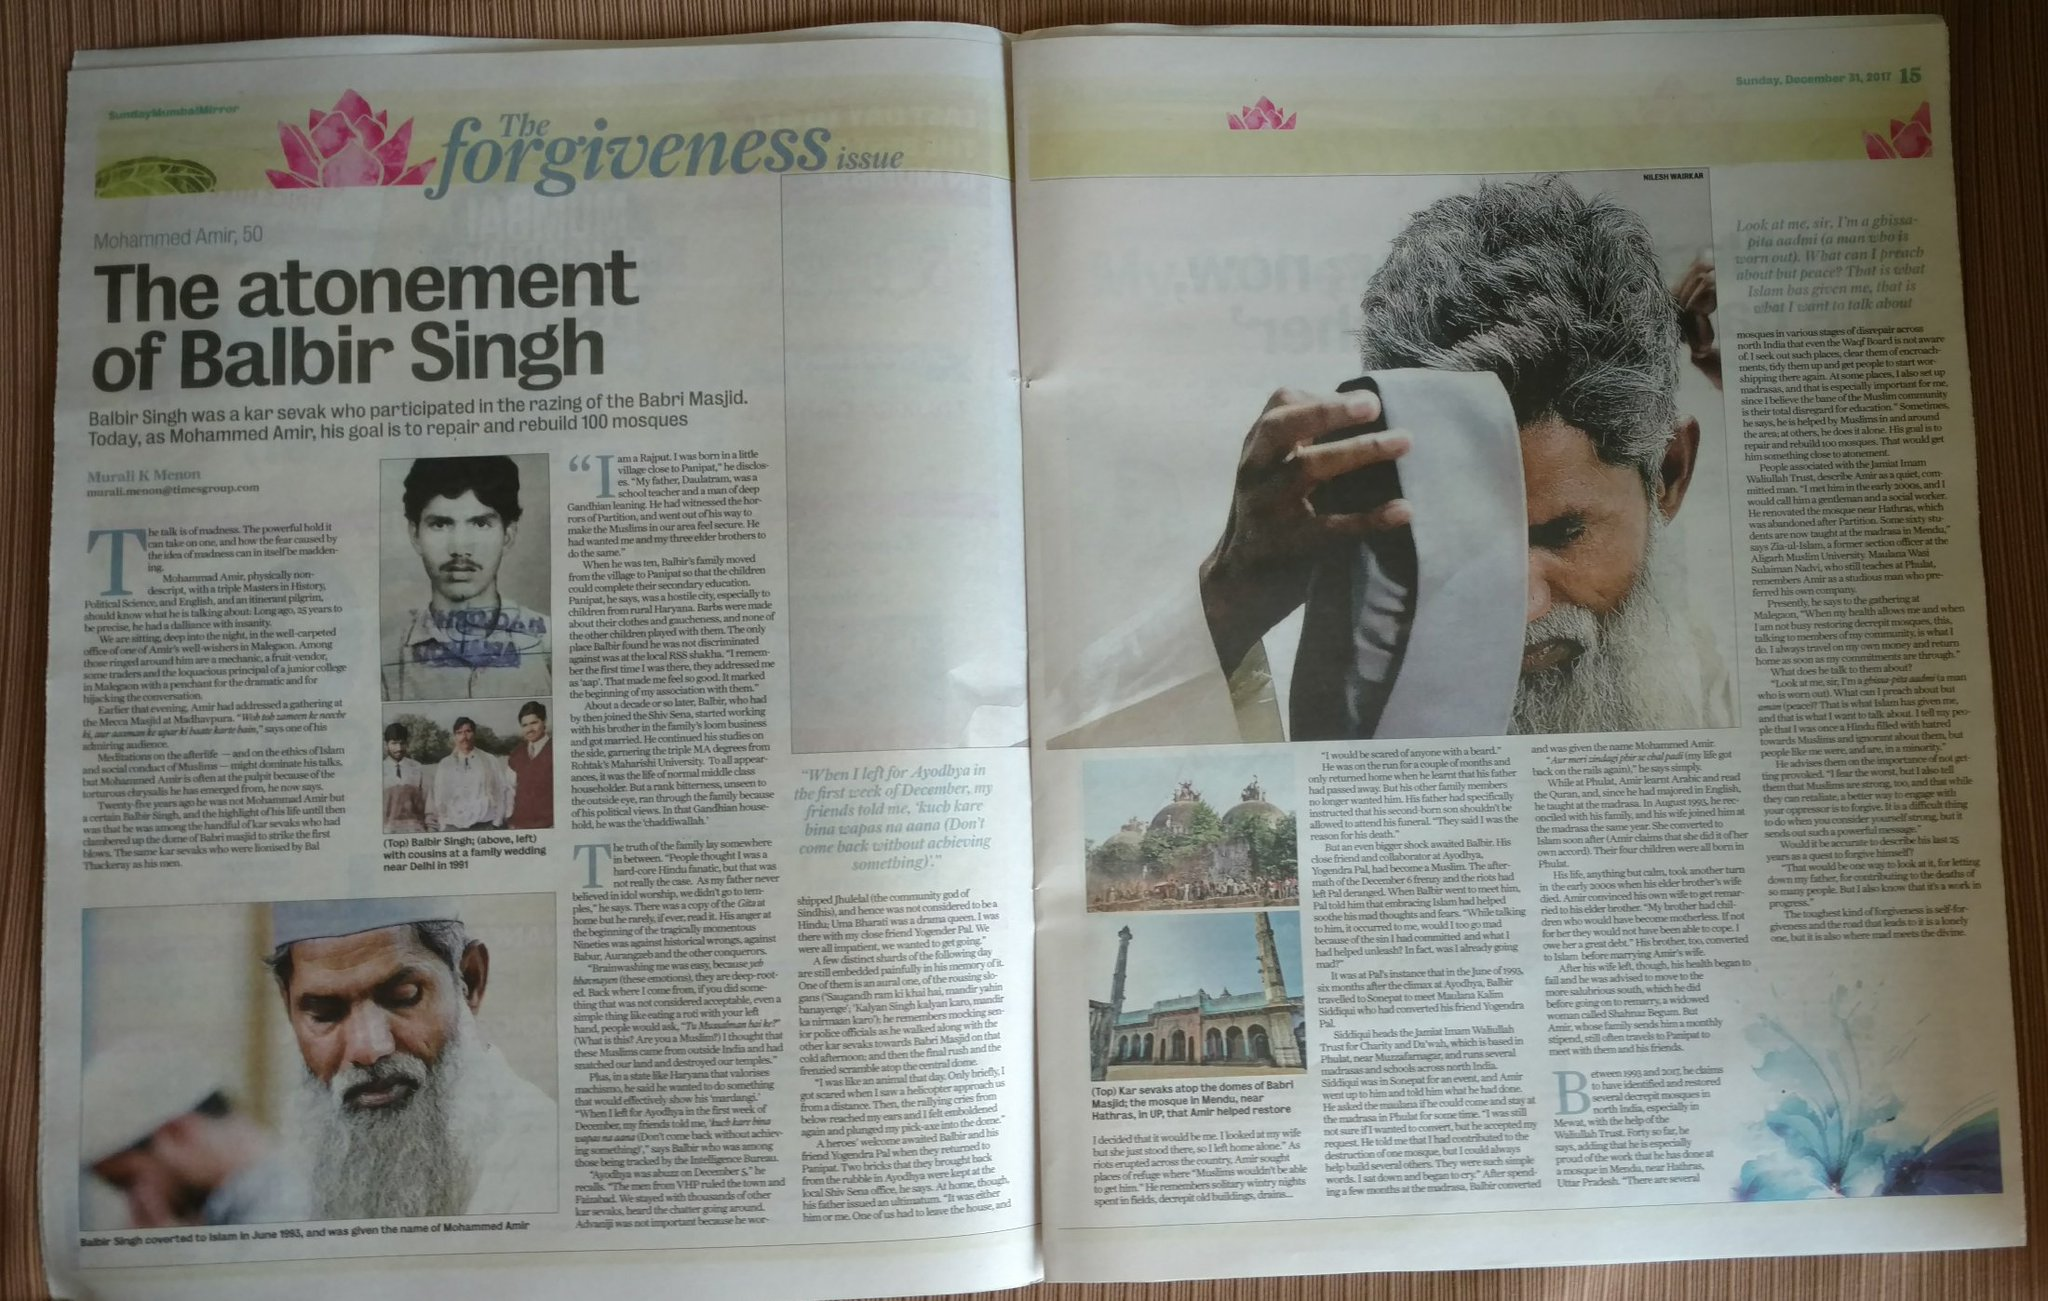 Картинки по запросу balbir singh babri mosque